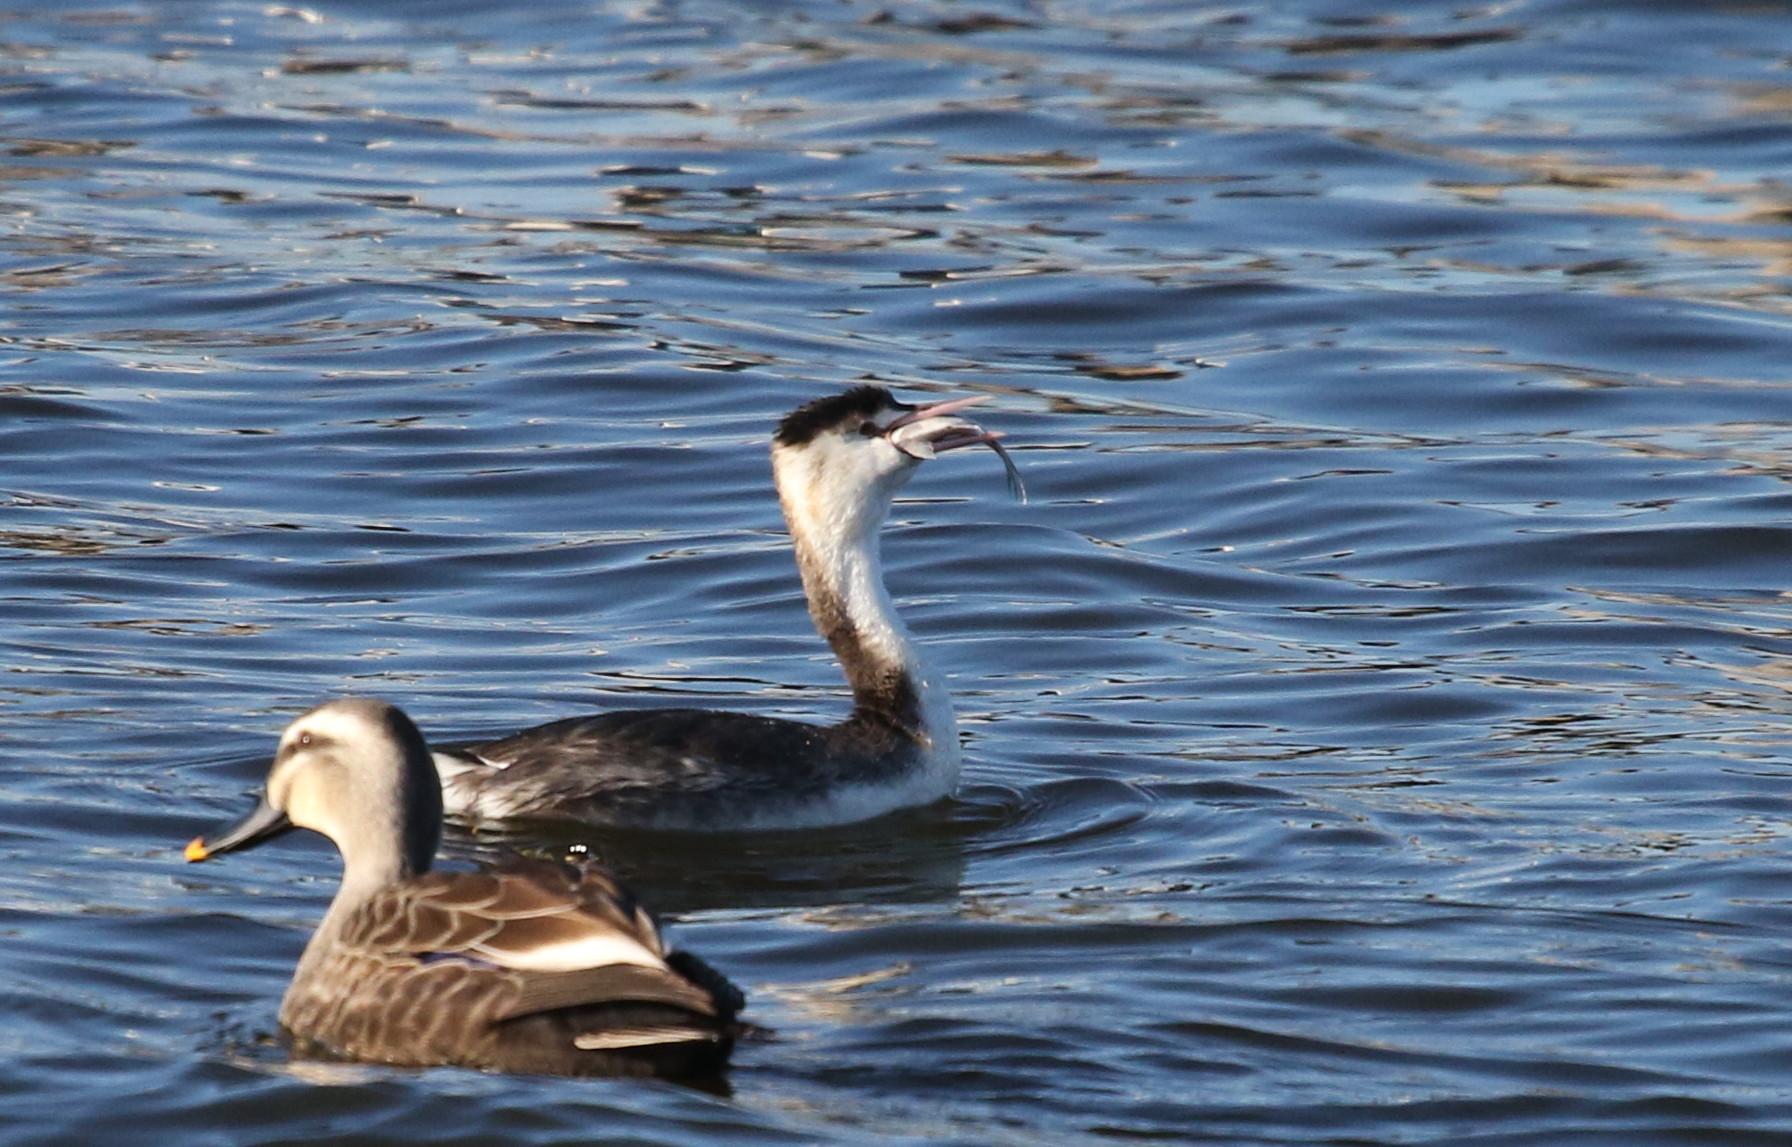 MFの沼で鳥たちの食事場面を見る事ができました_f0239515_17281319.jpg